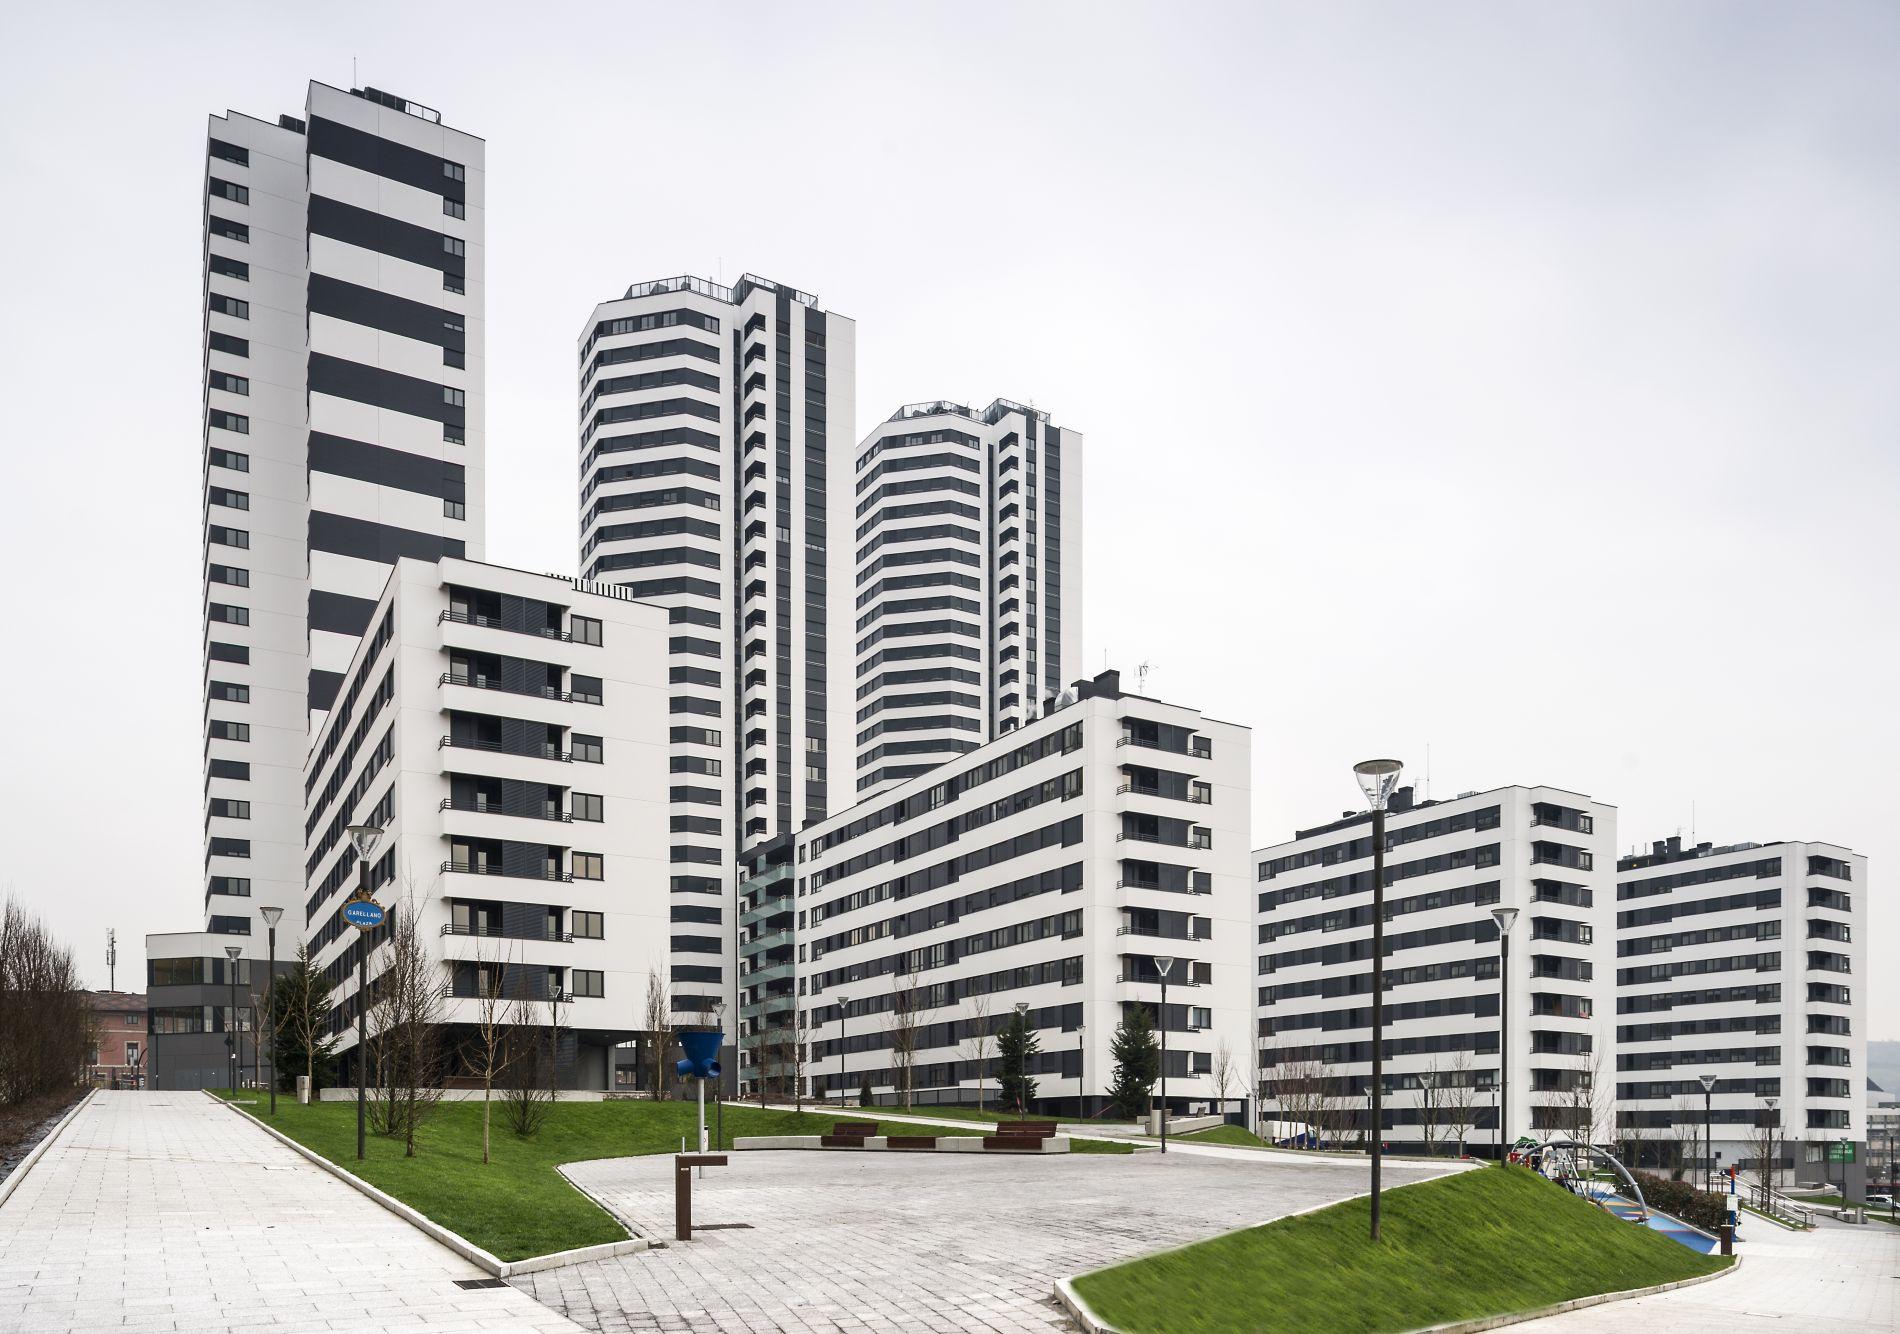 Fiark - 318 Viviendas VPO y 289 tasadas en Bilbao 4